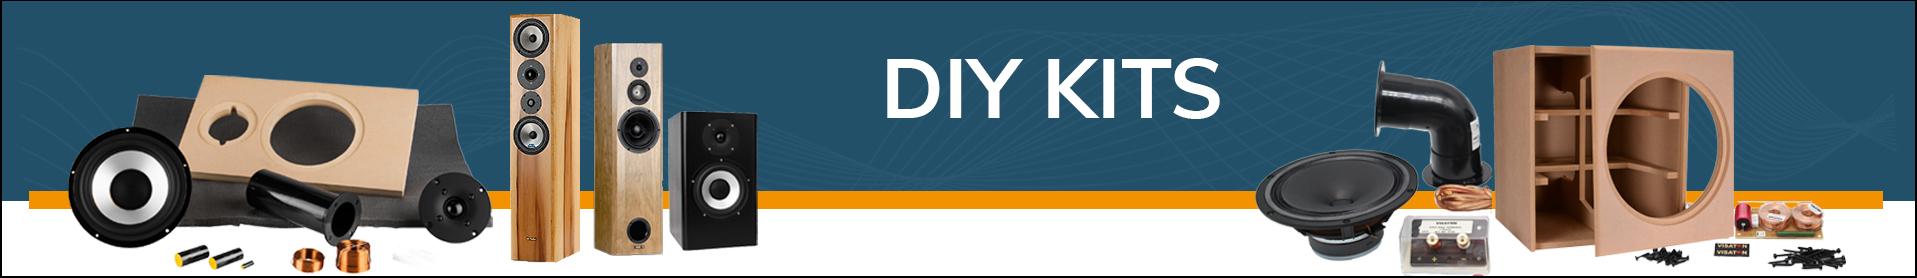 Subwoofer DIY kits